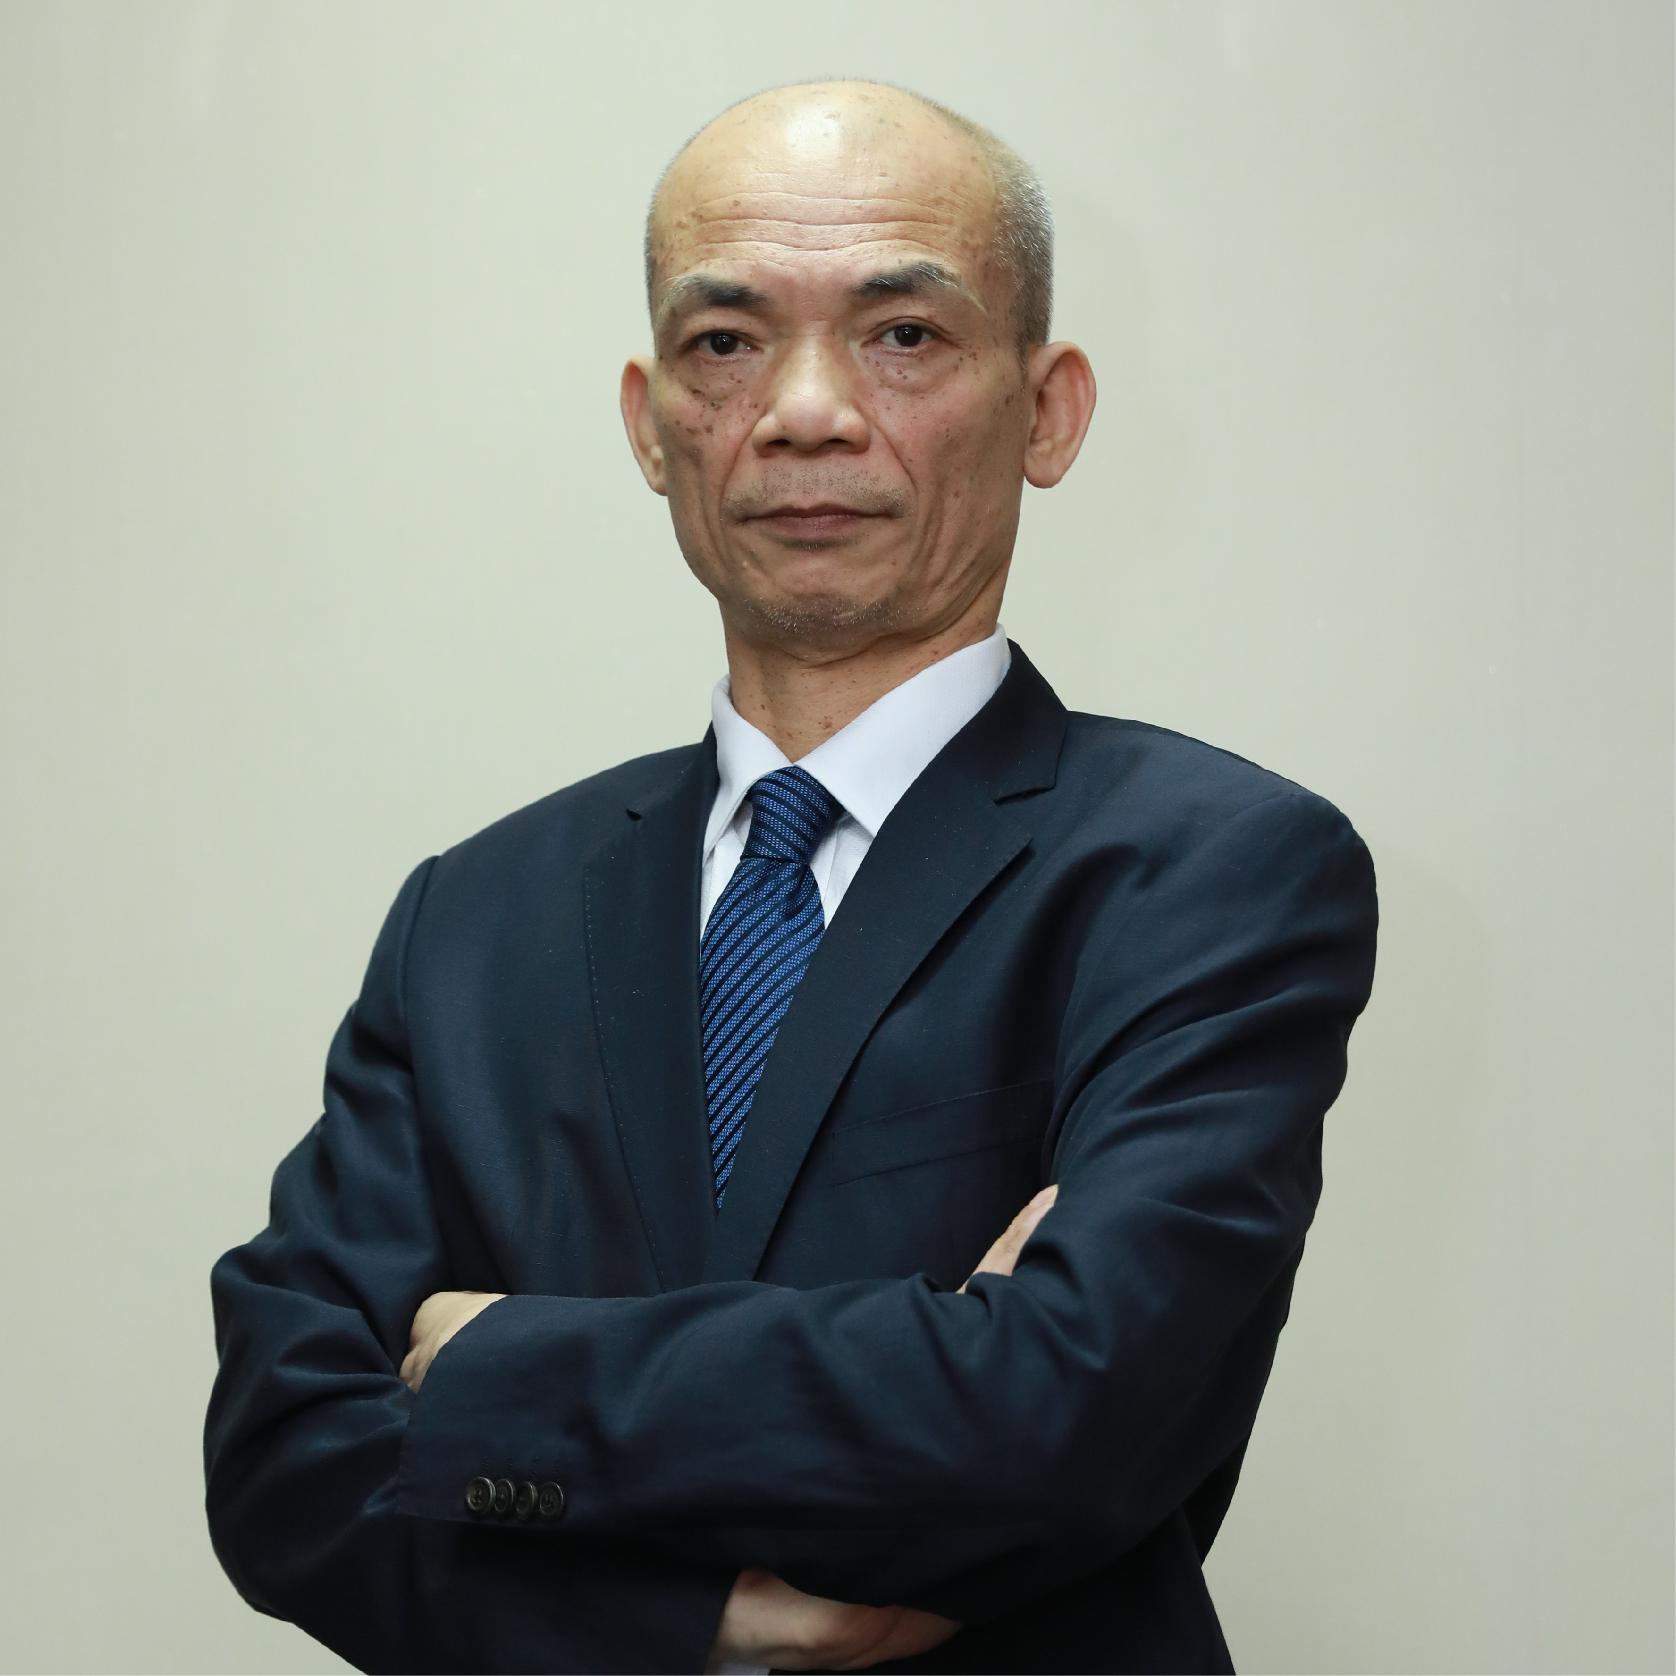 Chứng khoán BSC thay Tổng giám đốc trước thềm đại hội cổ đông - Ảnh 1.